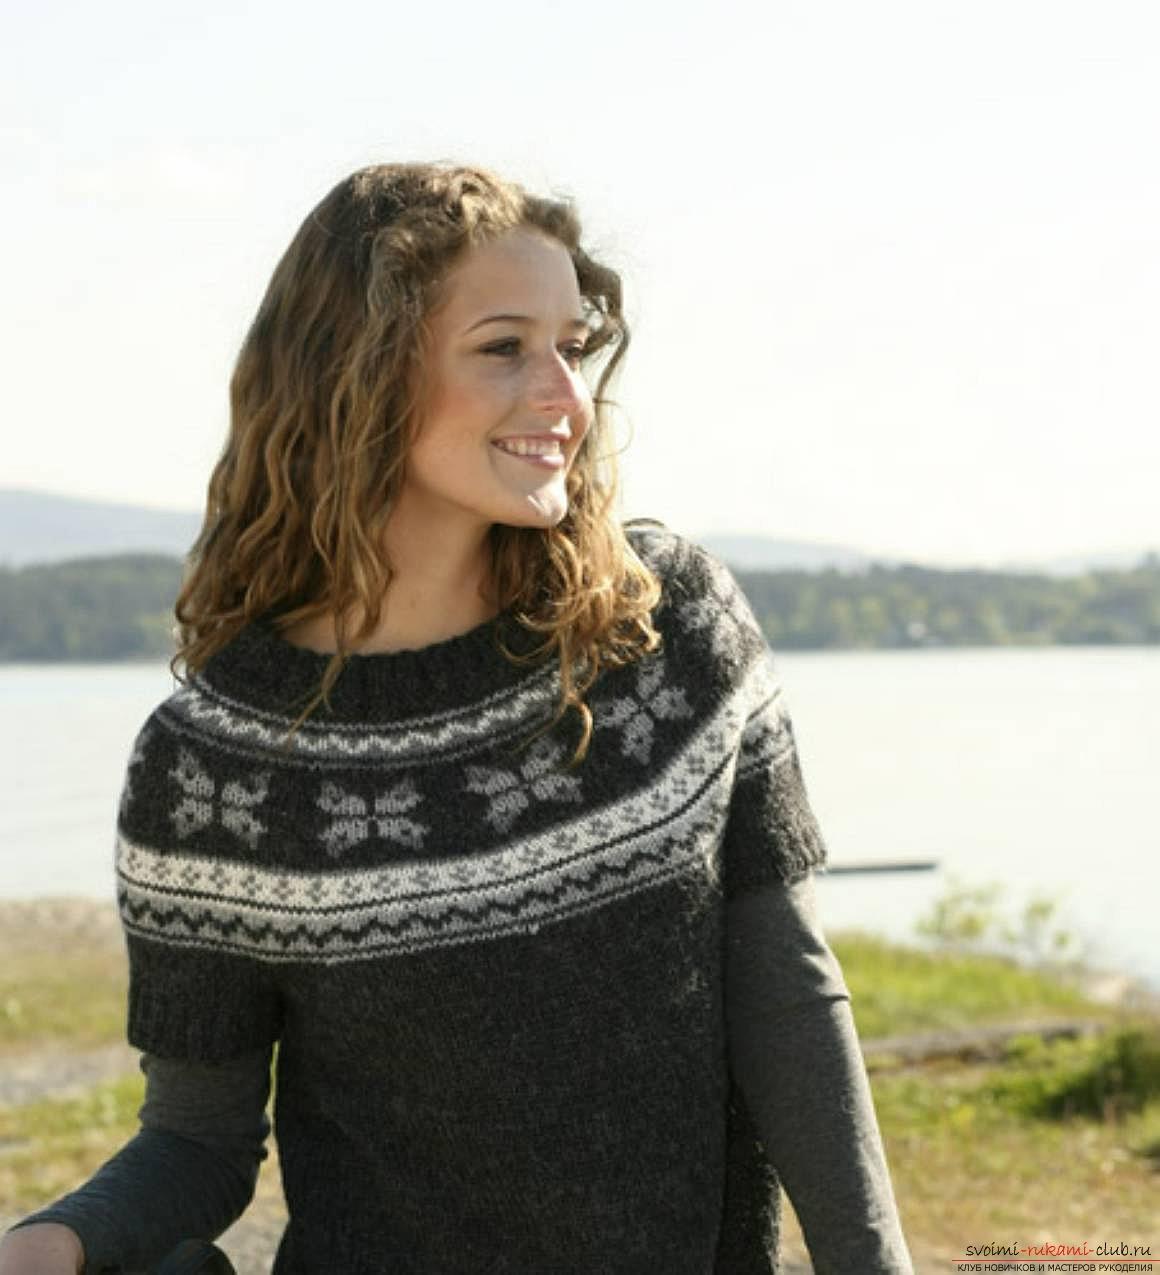 вязание спицами для женщин пальто с норвежским узором схема